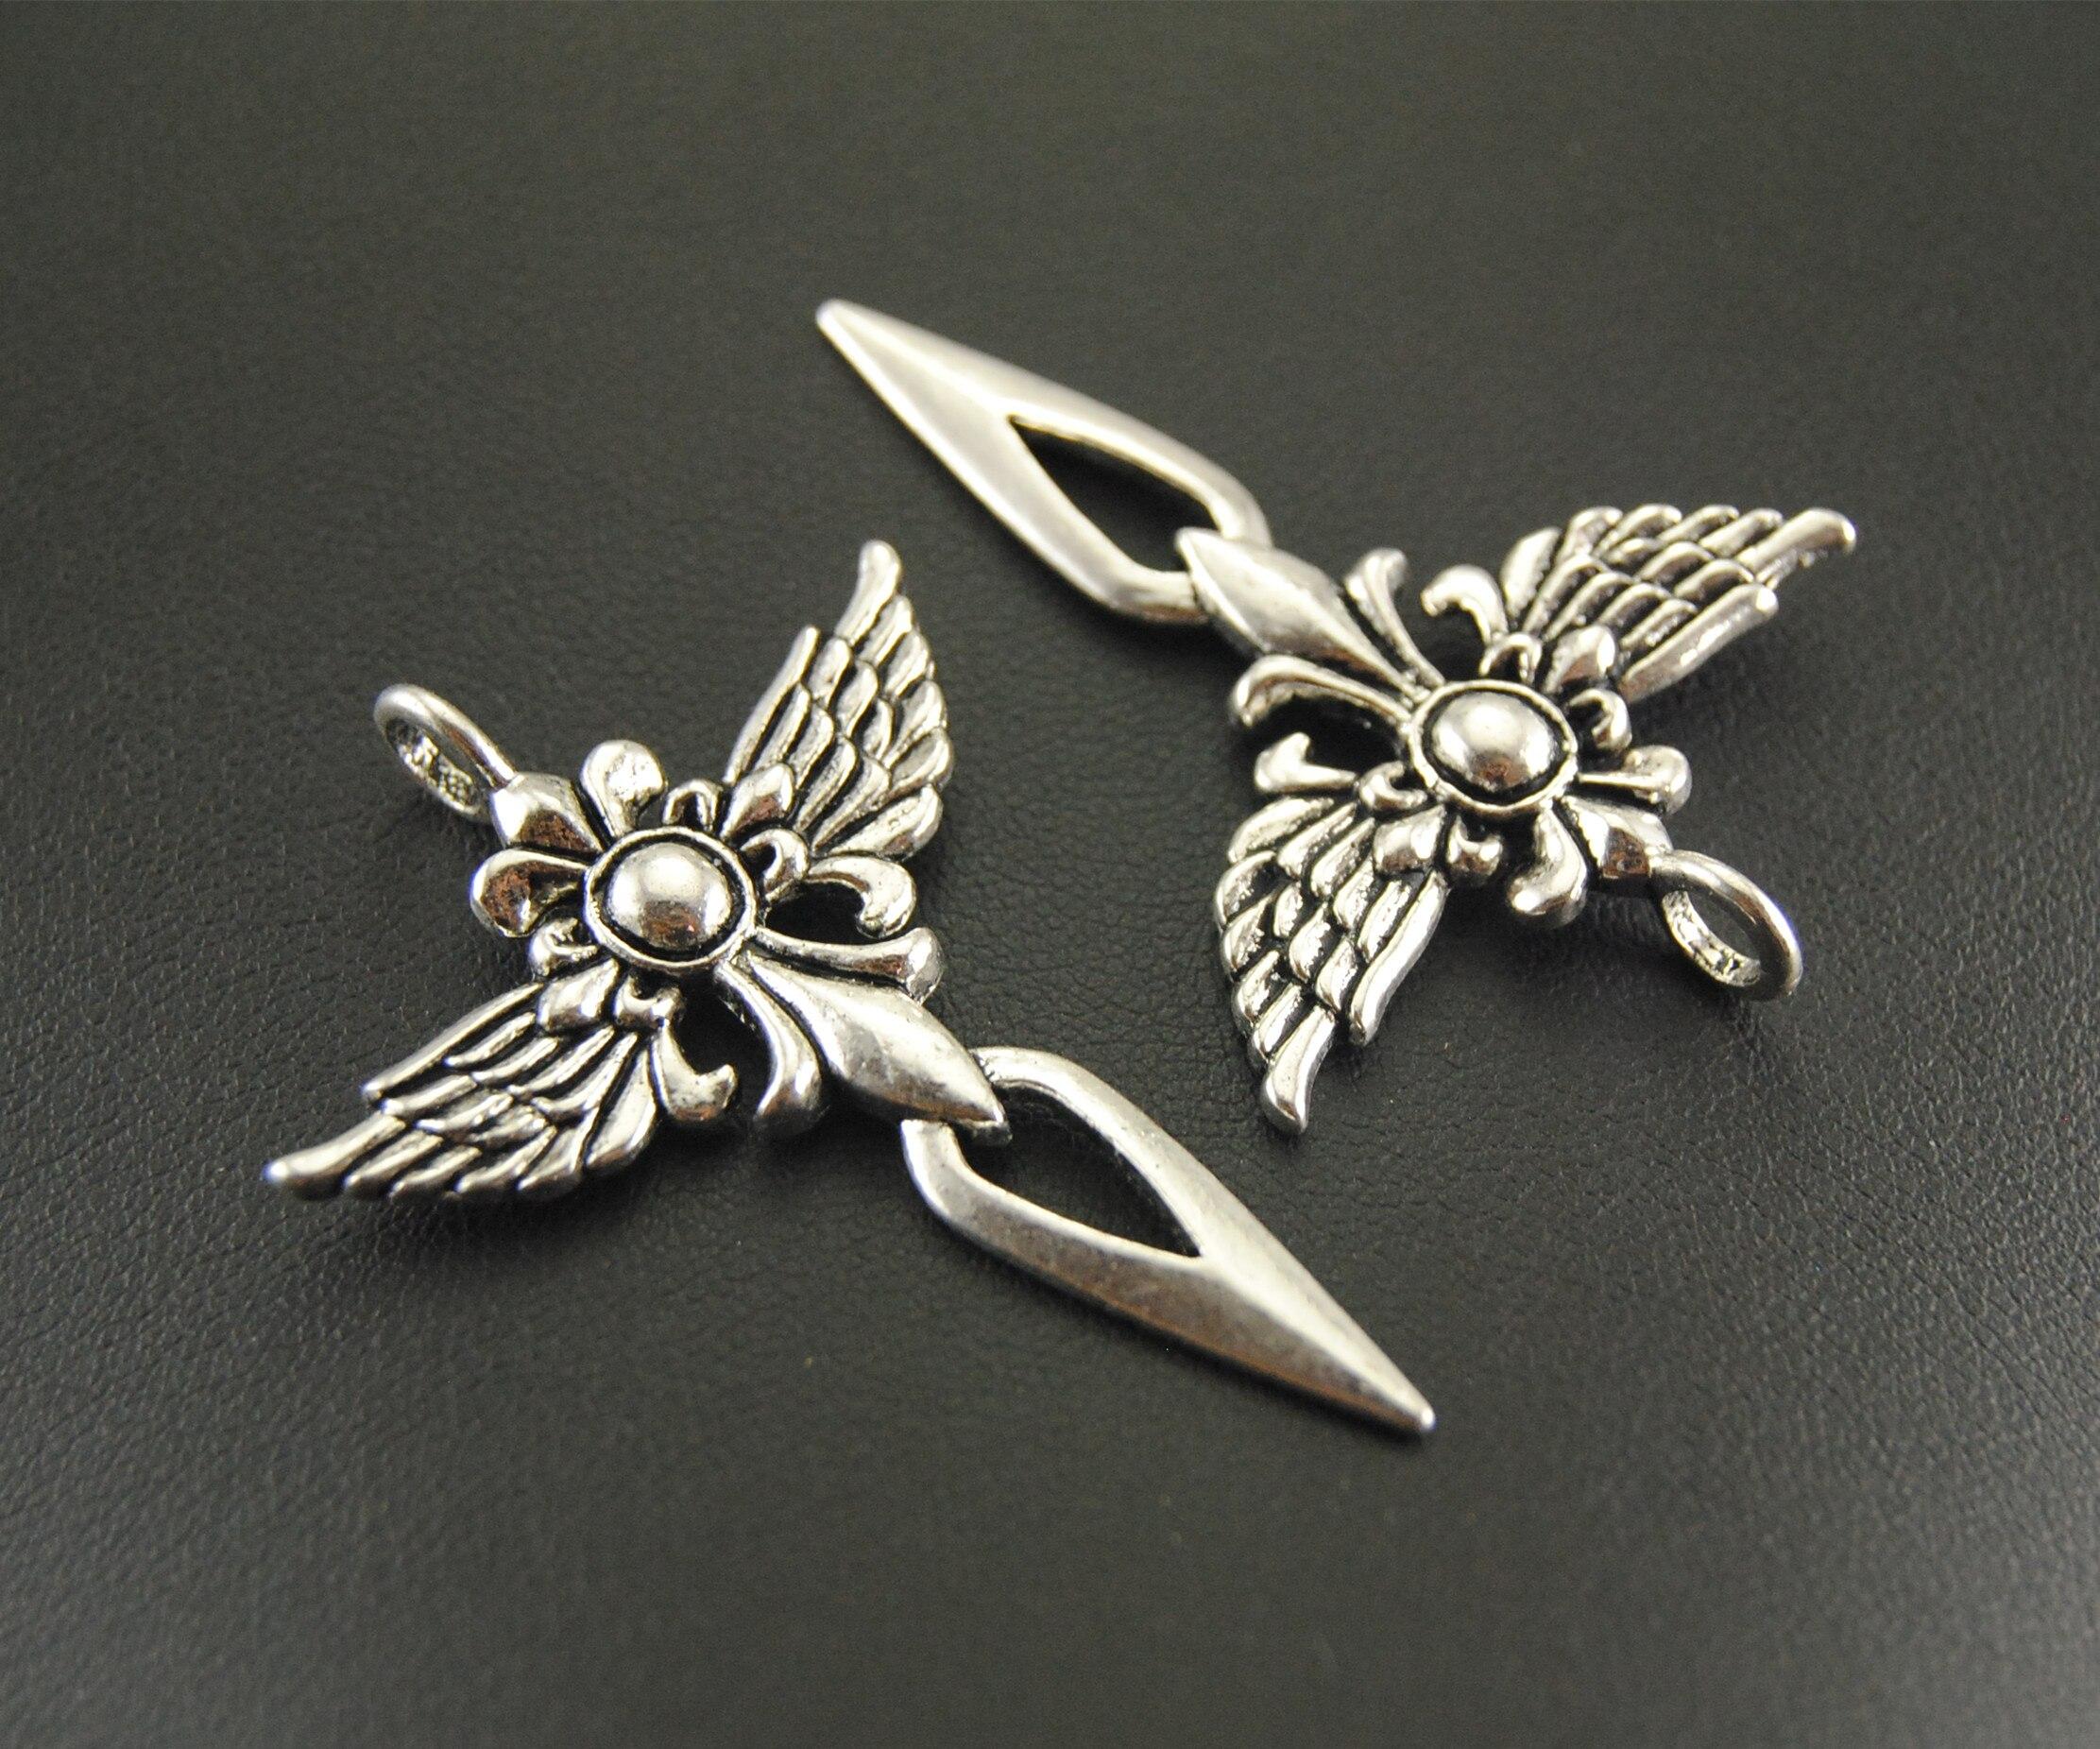 15 Uds., colgante de plata con forma de espada cruzada, colgante de Metal DIY para pulsera, collar, accesorios de joyería A658